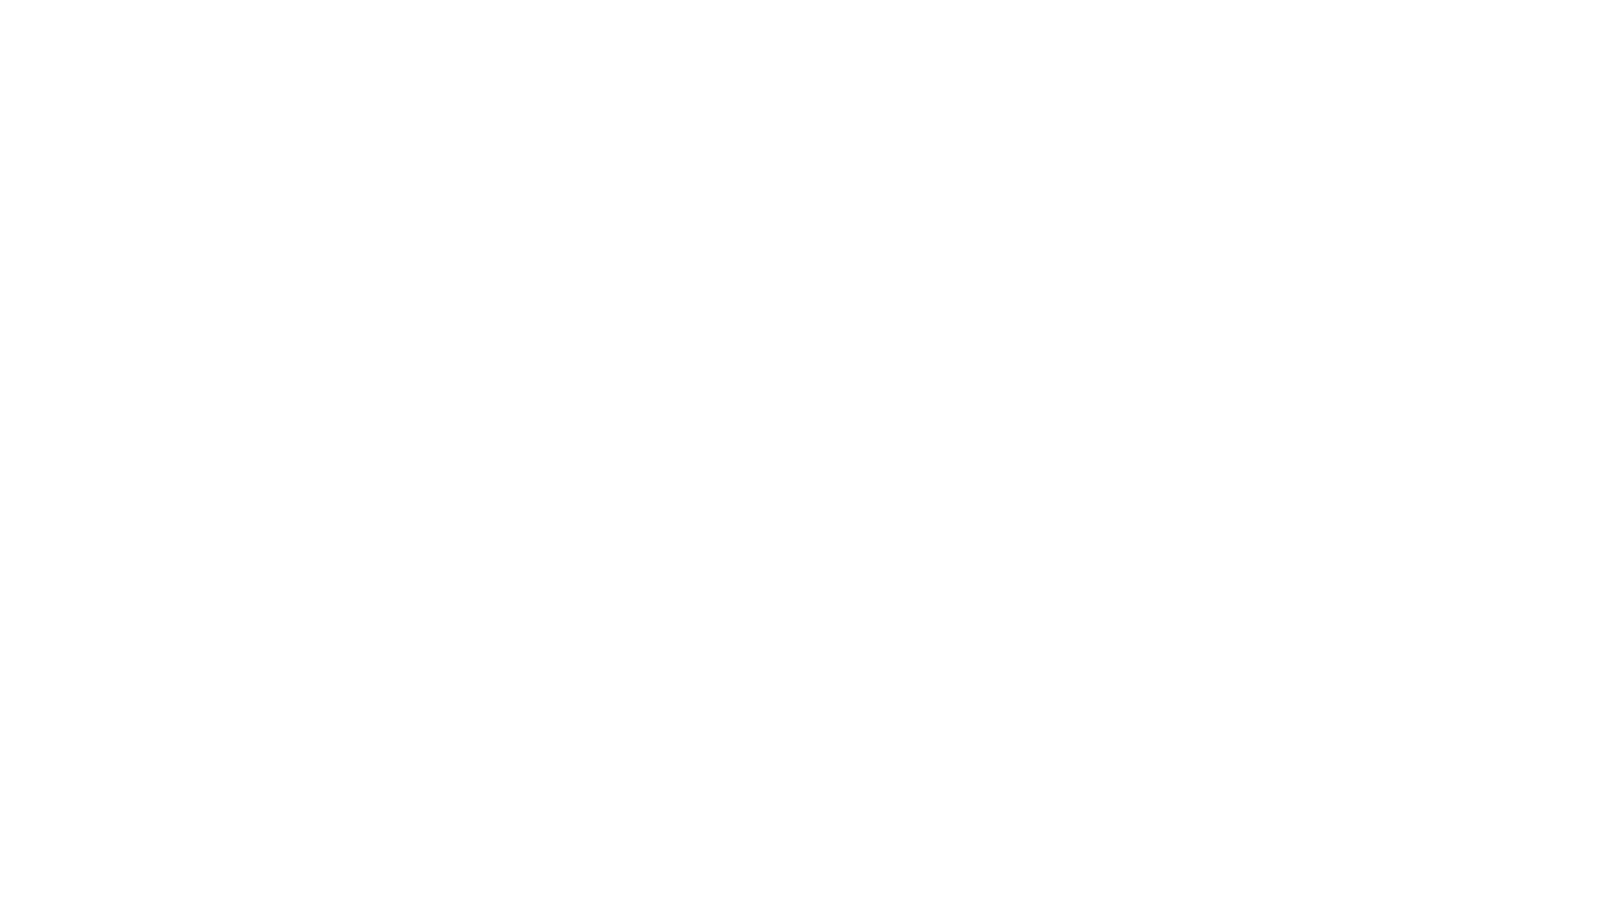 ご視聴ありがとうございます。今回は可変式ダンベルパワーブロックウレタンコートタイプの紹介動画になります。【紹介したブログ記事】▼ 可変式ダンベルのススメ!【予算5万円で作る夢のホームジム】https://tr-shimura.com/home-gym/dumbbell/【紹介したパワーブロック】▼ POWER BLOCK パワーブロック PRO EXP ウレタンコートhttps://a.r10.to/hztOaF【使用しているコンパクトスタンド】▼ PowerBlockコンパクト重量スタンドhttps://amzn.to/3lLDtVt今後も筋トレ関連の動画をUPしていきます!よかったらチャンネル登録お願いします!#筋トレ #ホームジム #パワーブロック #可変式ダンベル #powerblock————————————————————【筋トレ&ダイエット情報発信‼︎ジムHP】▼トレーニング志村-PERSONAL GYM-https://tr-shimura.com【Twitter】▼シュン@トレーニング志村 @tr_shimurahttps://twitter.com/tr_shimura【Instagram】▼シュン@トレーニング志村 @tr_shimurahttps://www.instagram.com/tr_shimura/【サブチャンネル】▼ SHUN×TUBEhttps://www.youtube.com/user/ShimuShun21